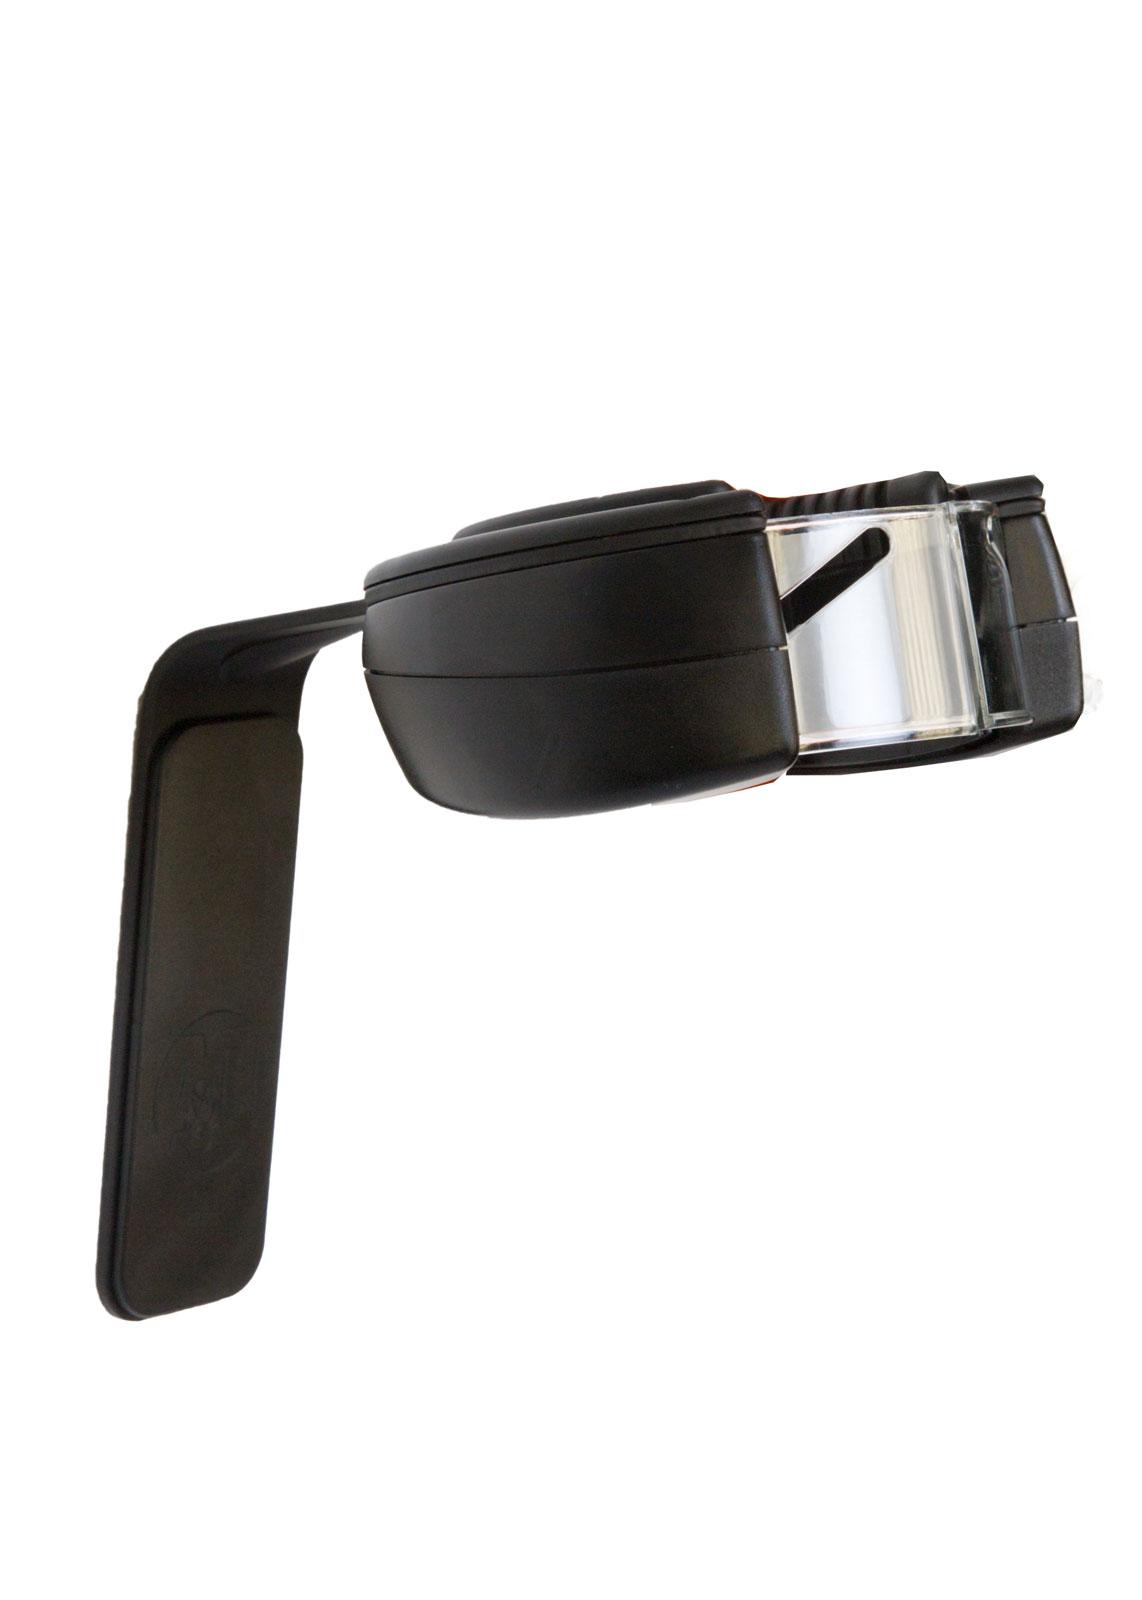 Dna Guitar Gear Dna Headlock Wall Hanger Black